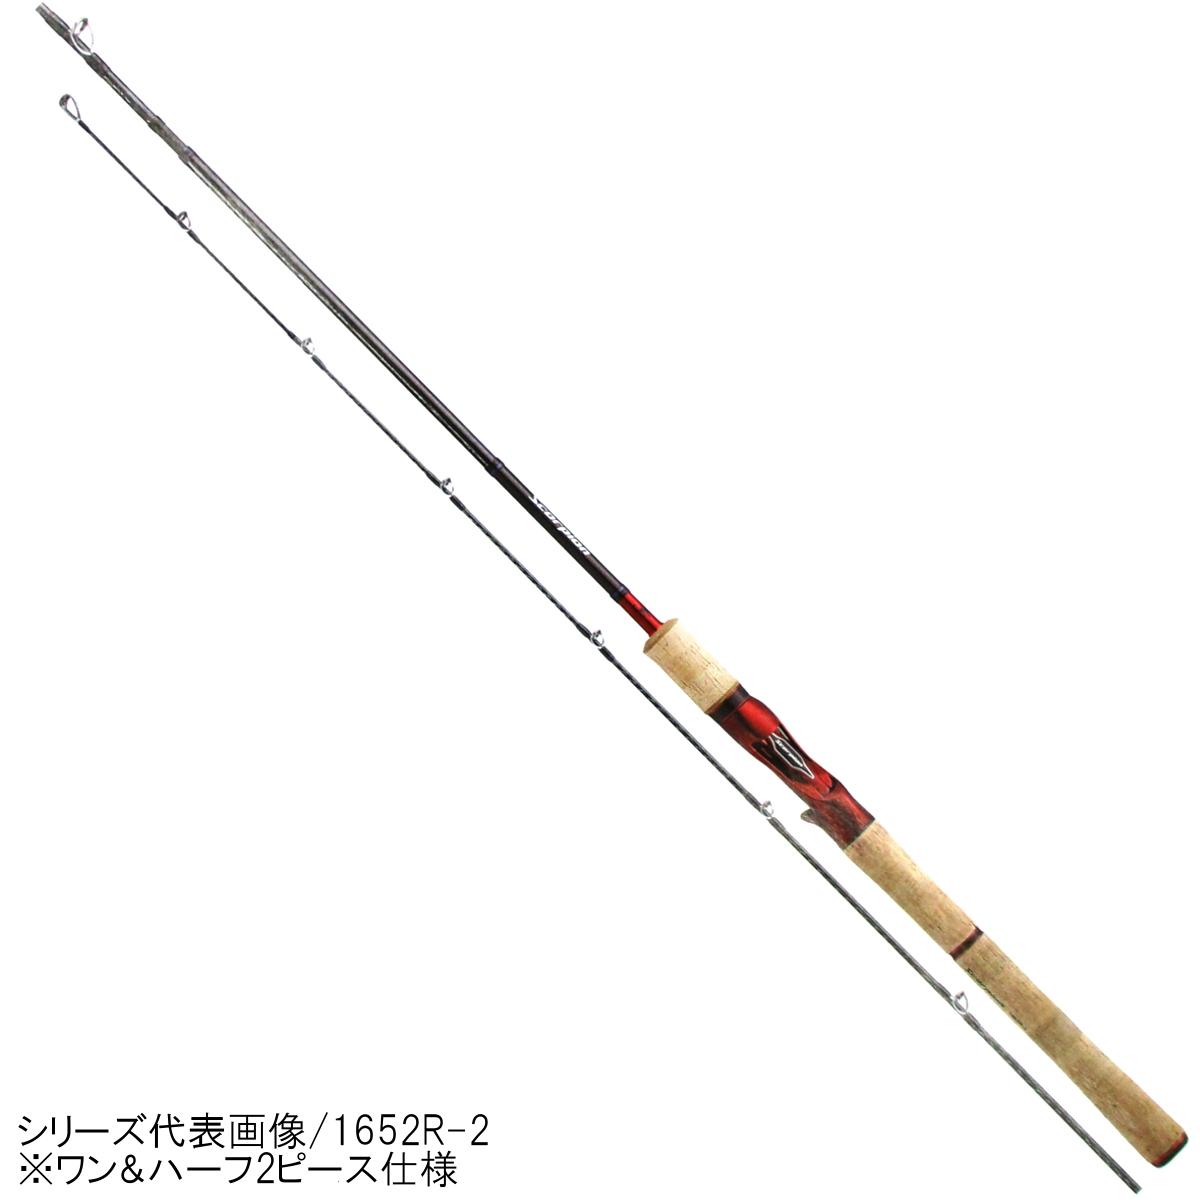 スコーピオン ワン&ハーフ2ピース ベイトキャスティングモデル 1752R-2 シマノ【同梱不可】